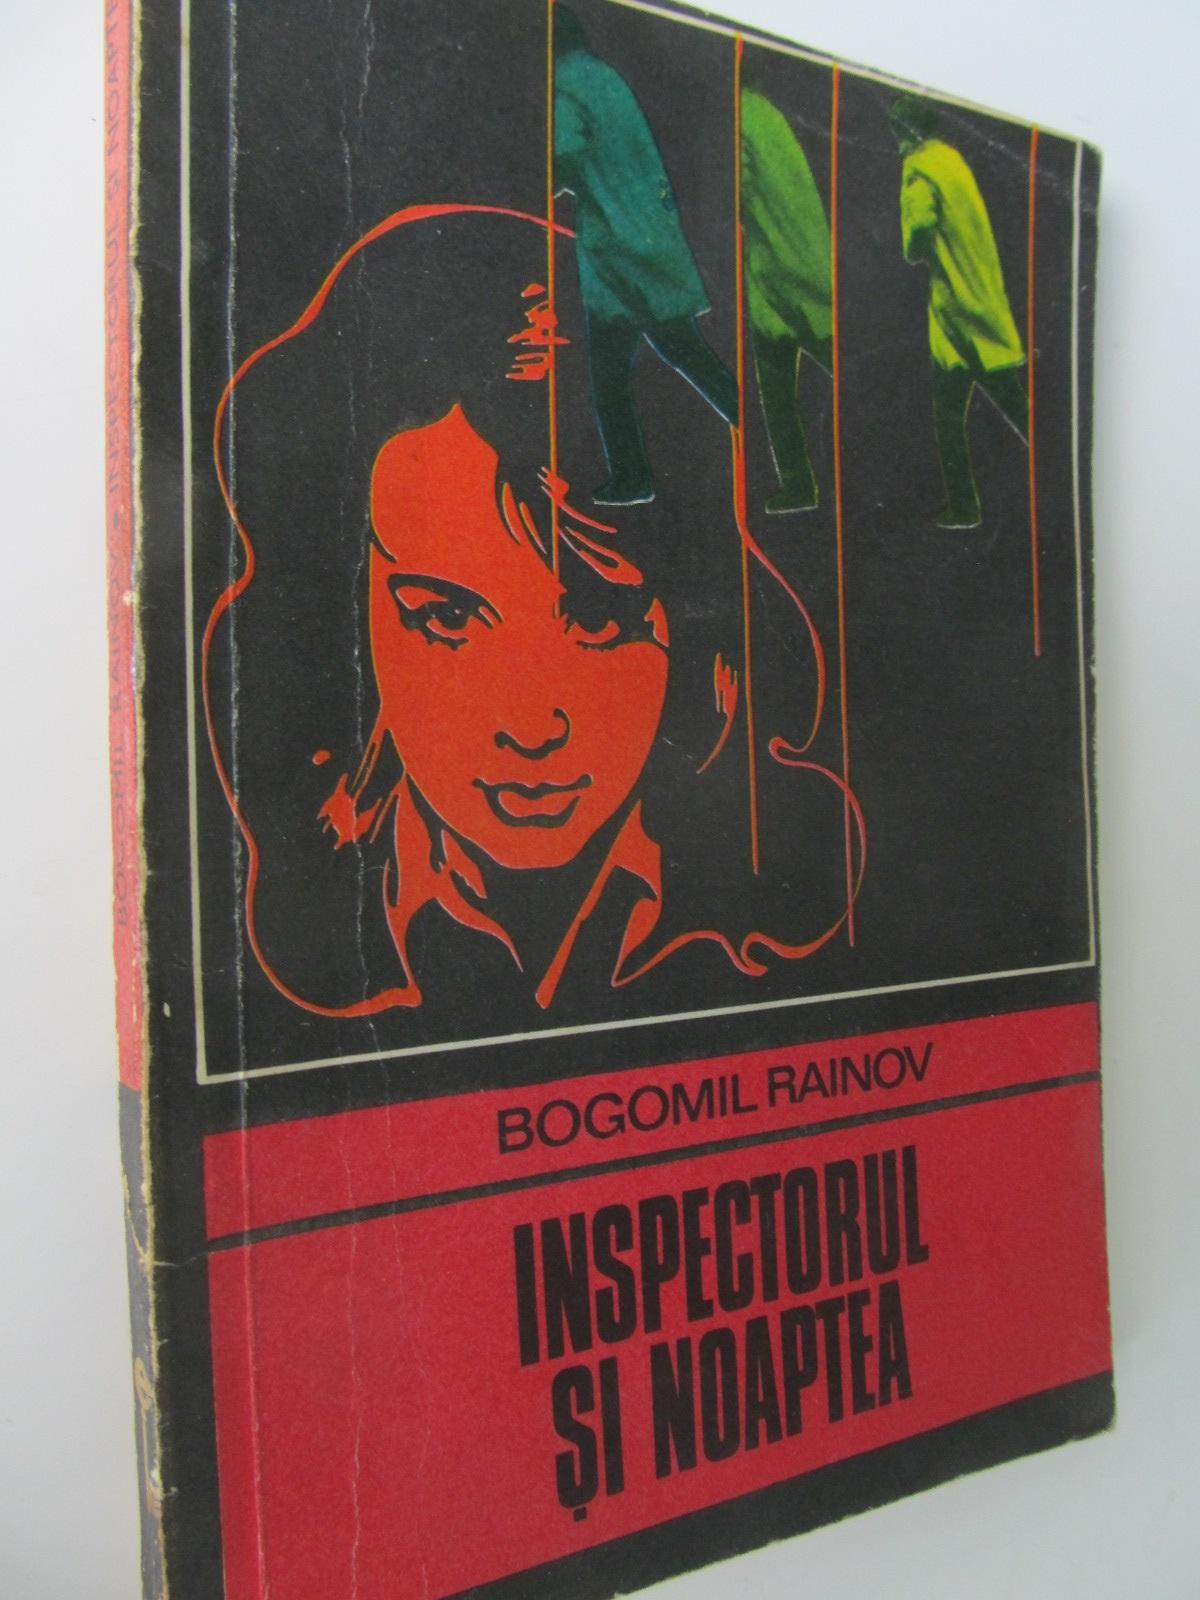 Inspectorul si noaptea - Bogomil Rainov | Detalii carte